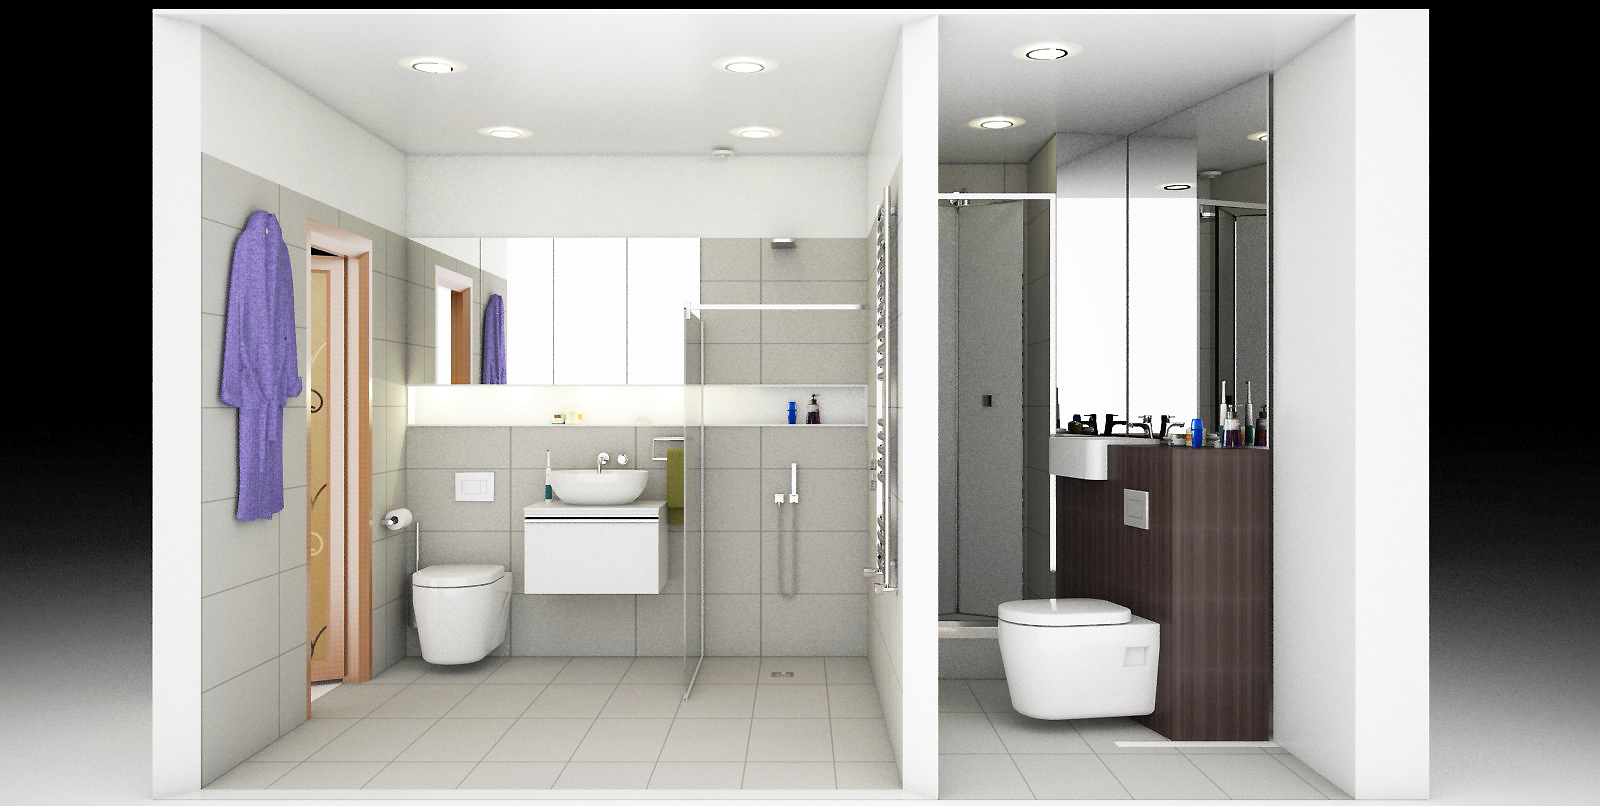 Best Kitchen Gallery: Uk Bathroom of 3d Bathroom Design  on rachelxblog.com